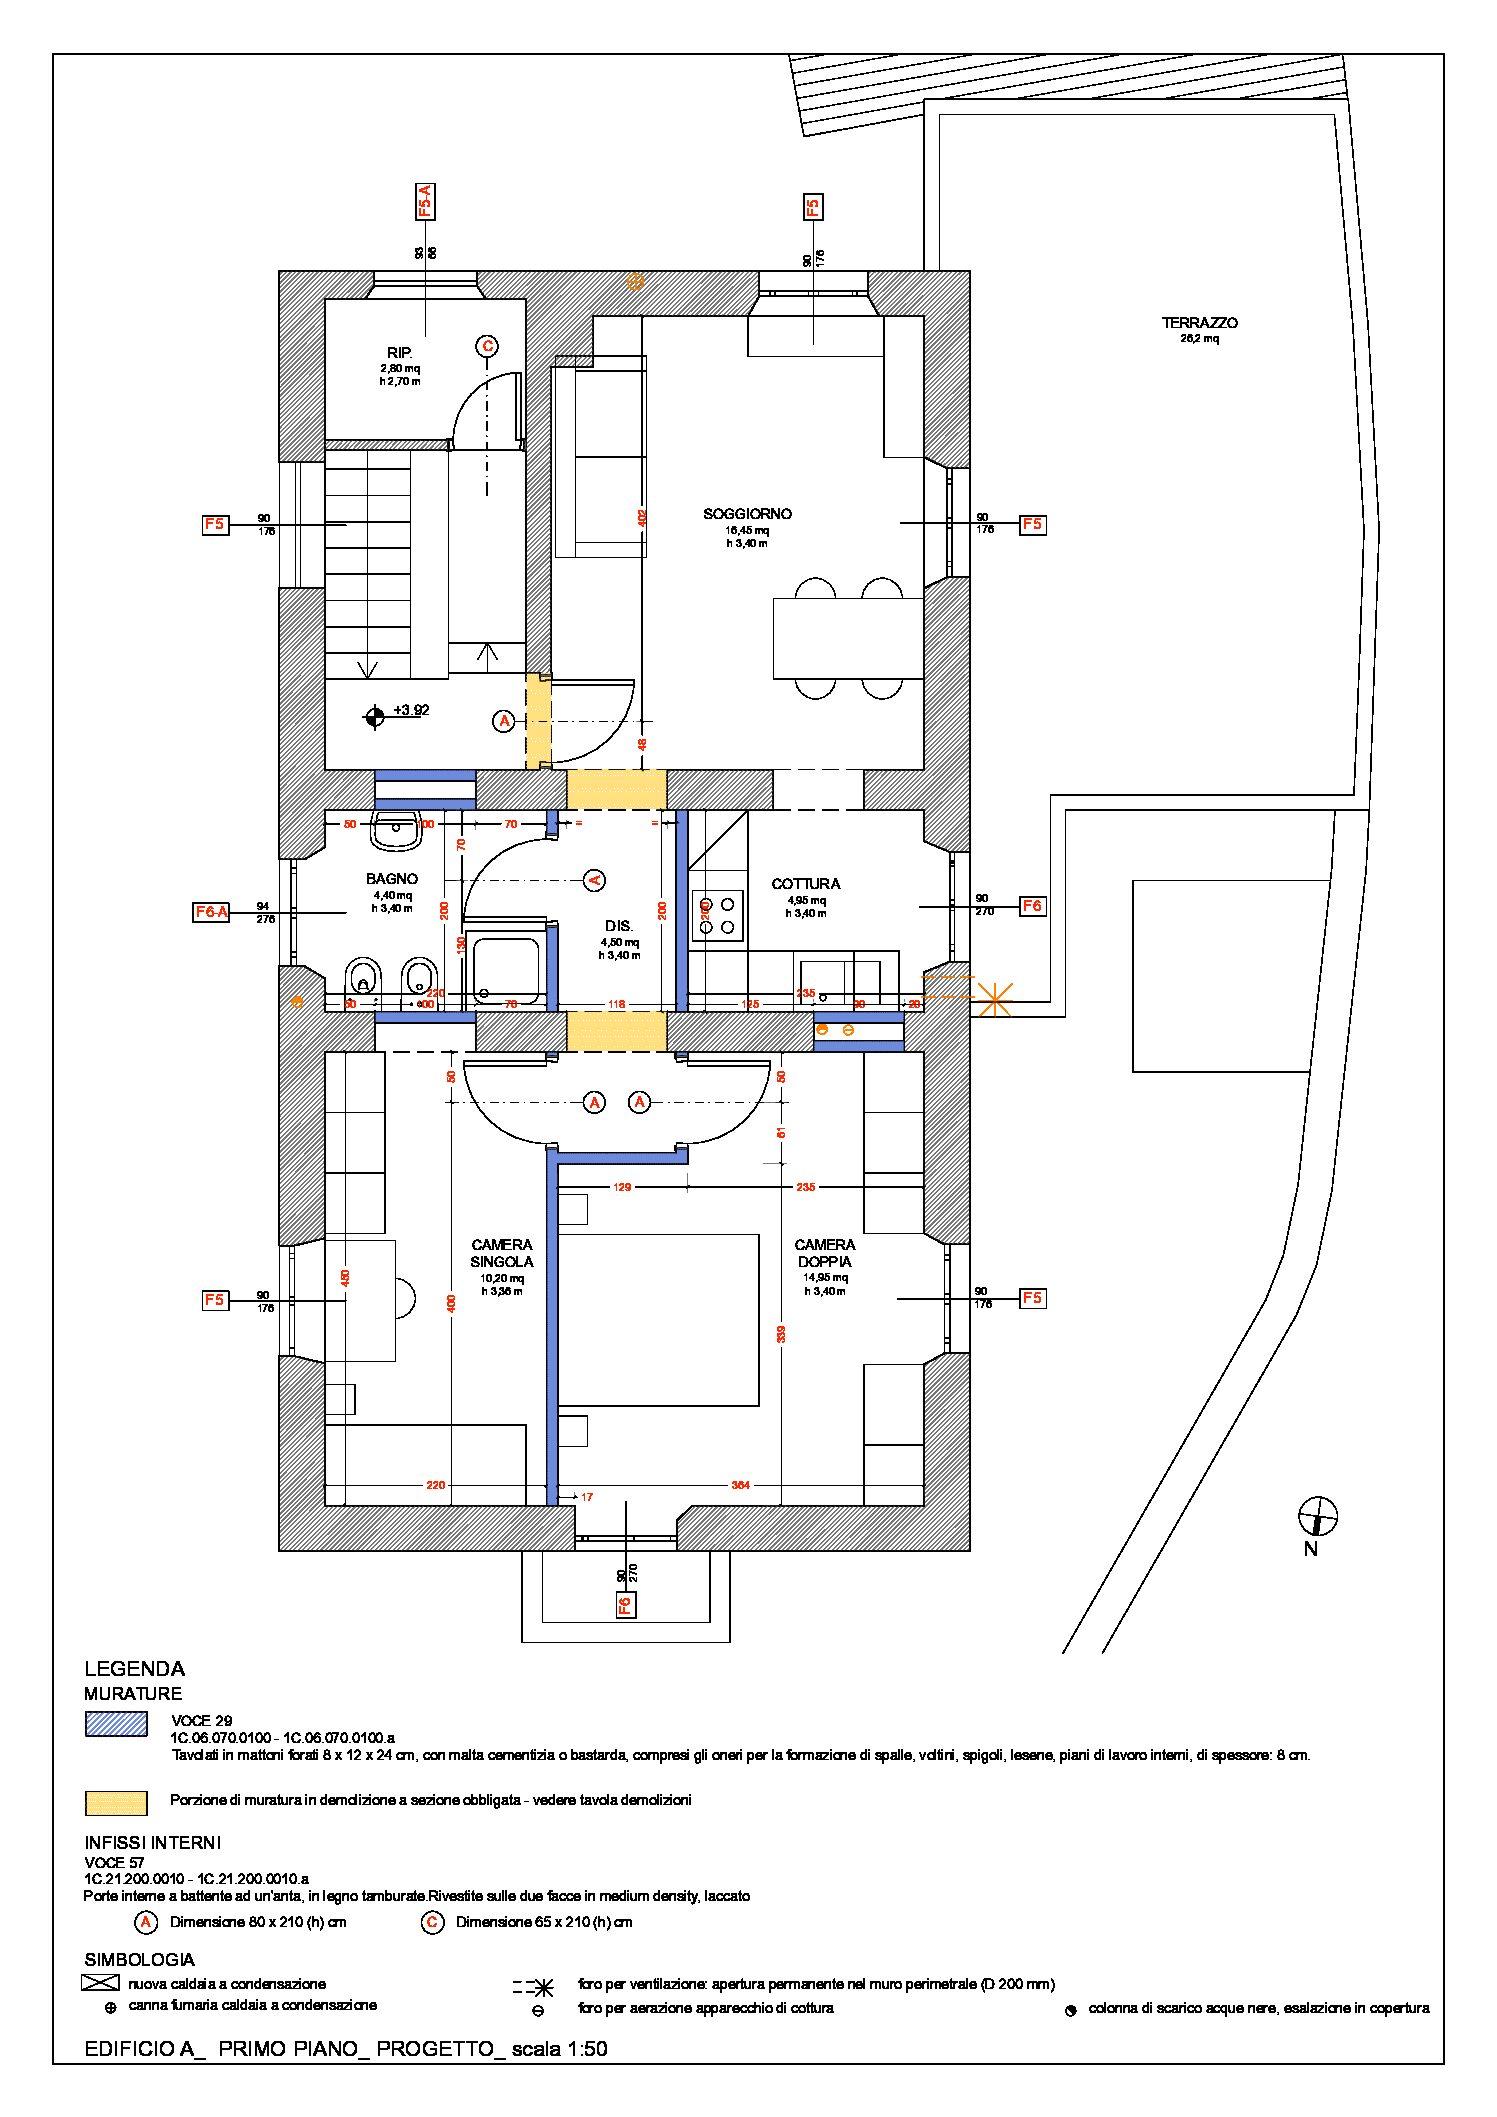 Edificio a: pianta primo piano